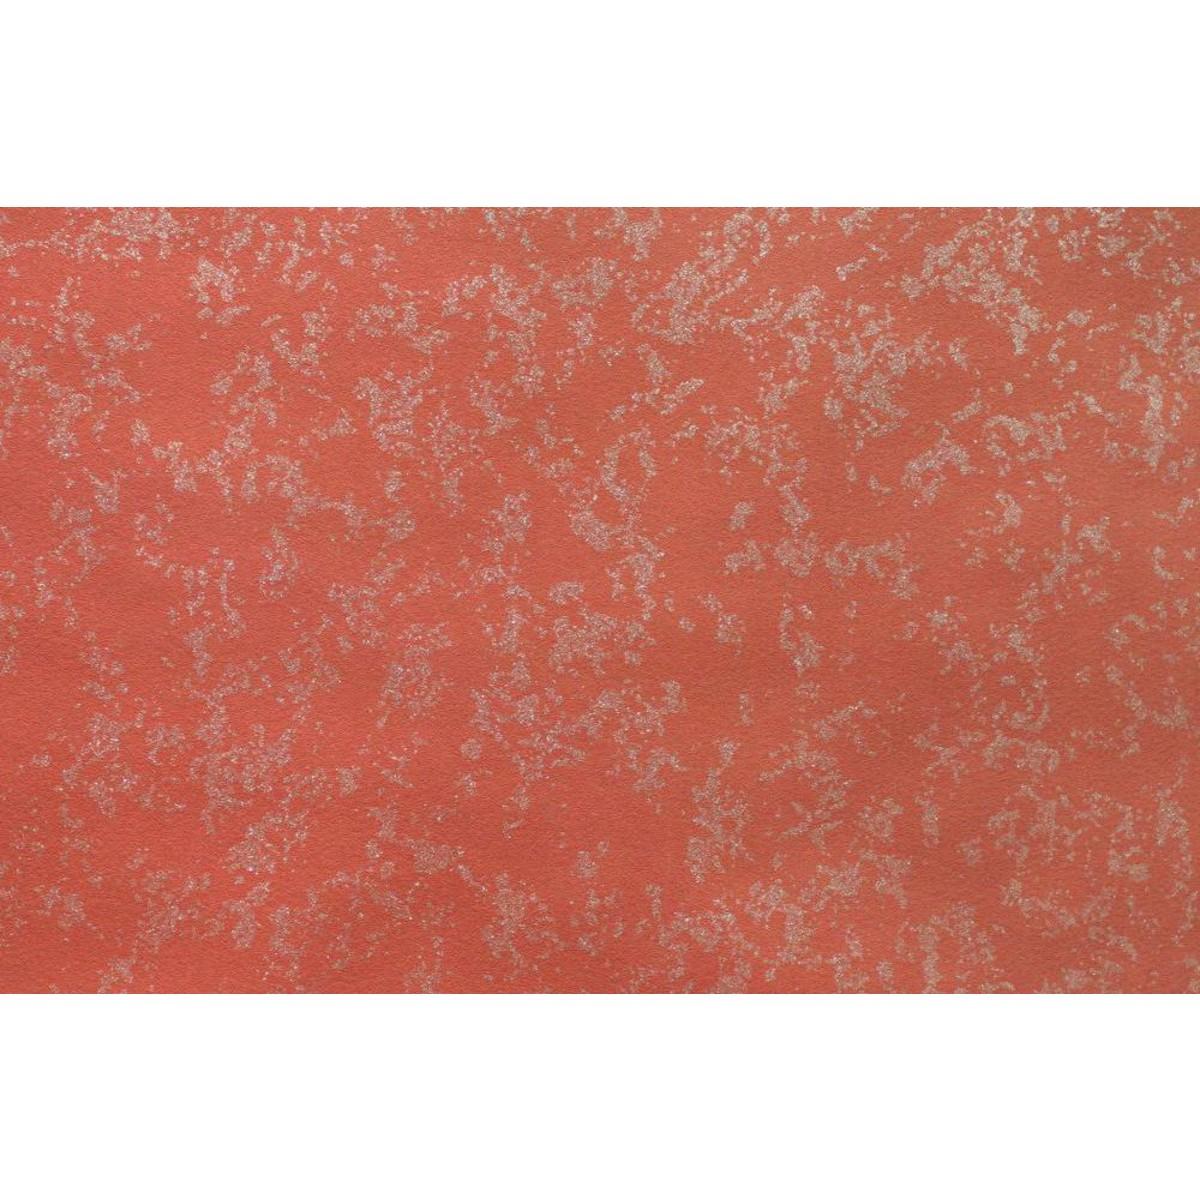 Обои флизелиновые Elysium Санфло красные 1.06 м Е28907